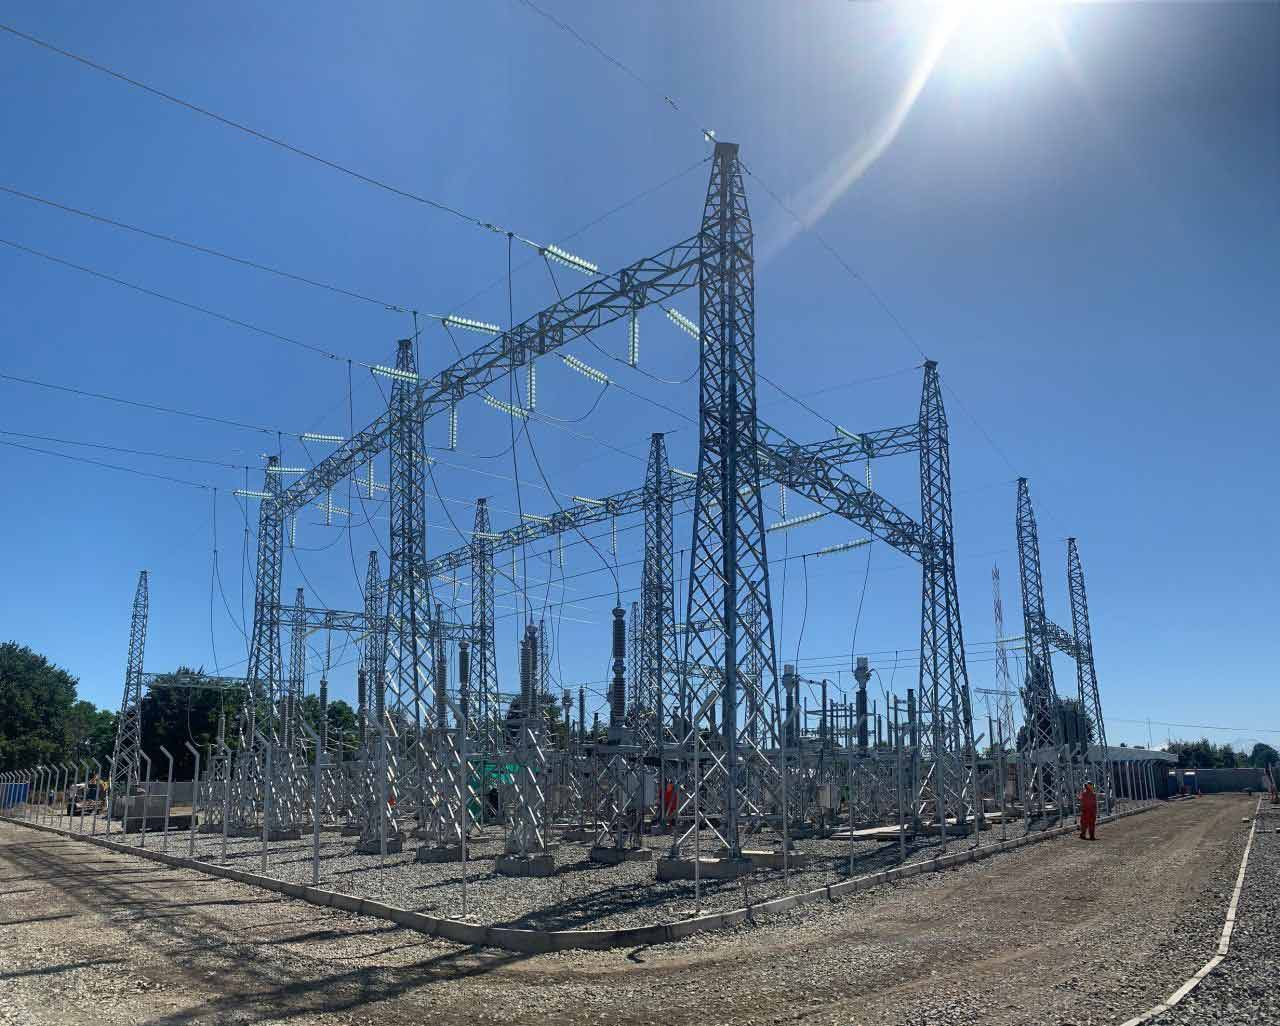 ASTOR Astor marka 20MVA 154/23kV transformatör ile Şili Pueblo Seco enerjilendi.